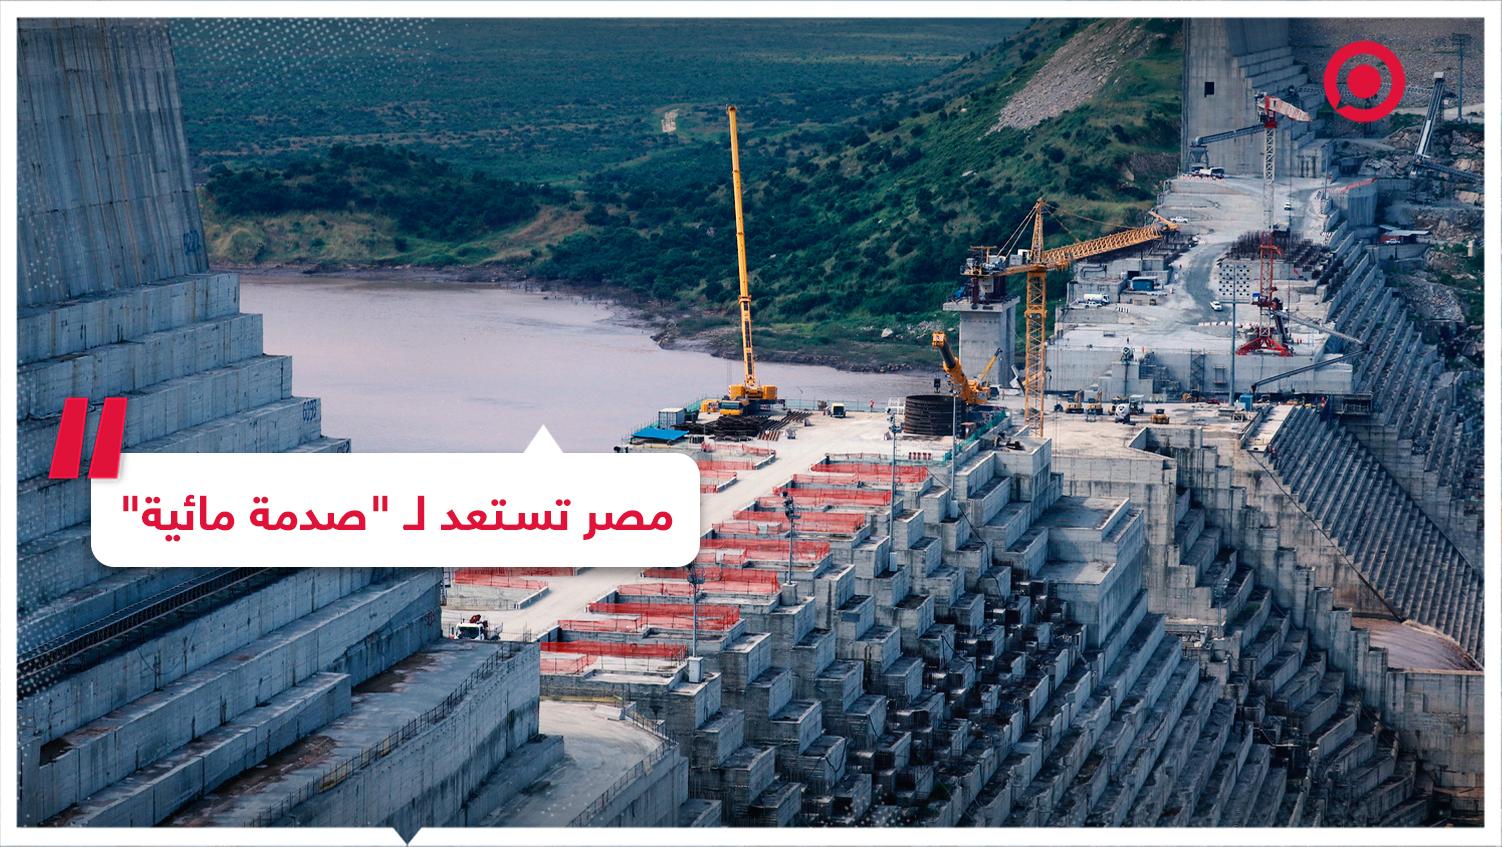 سيناريوهات استعداد مصر للتصدي لأضرار